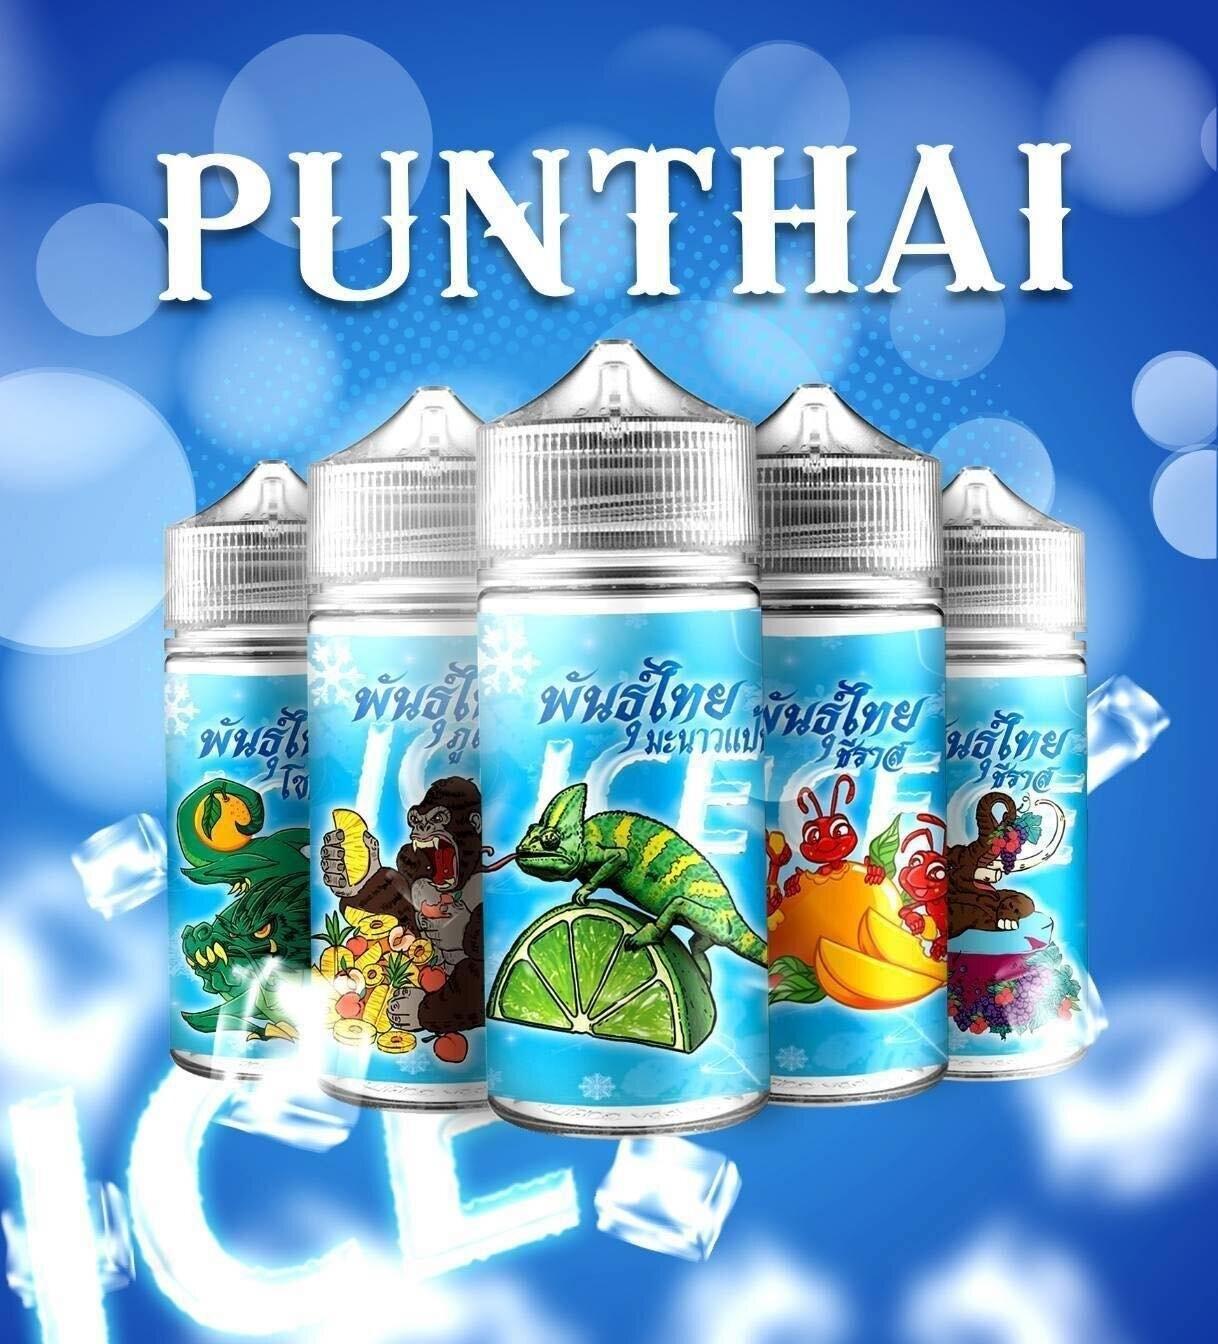 Punthai freebase ICE 100ml Nic 6